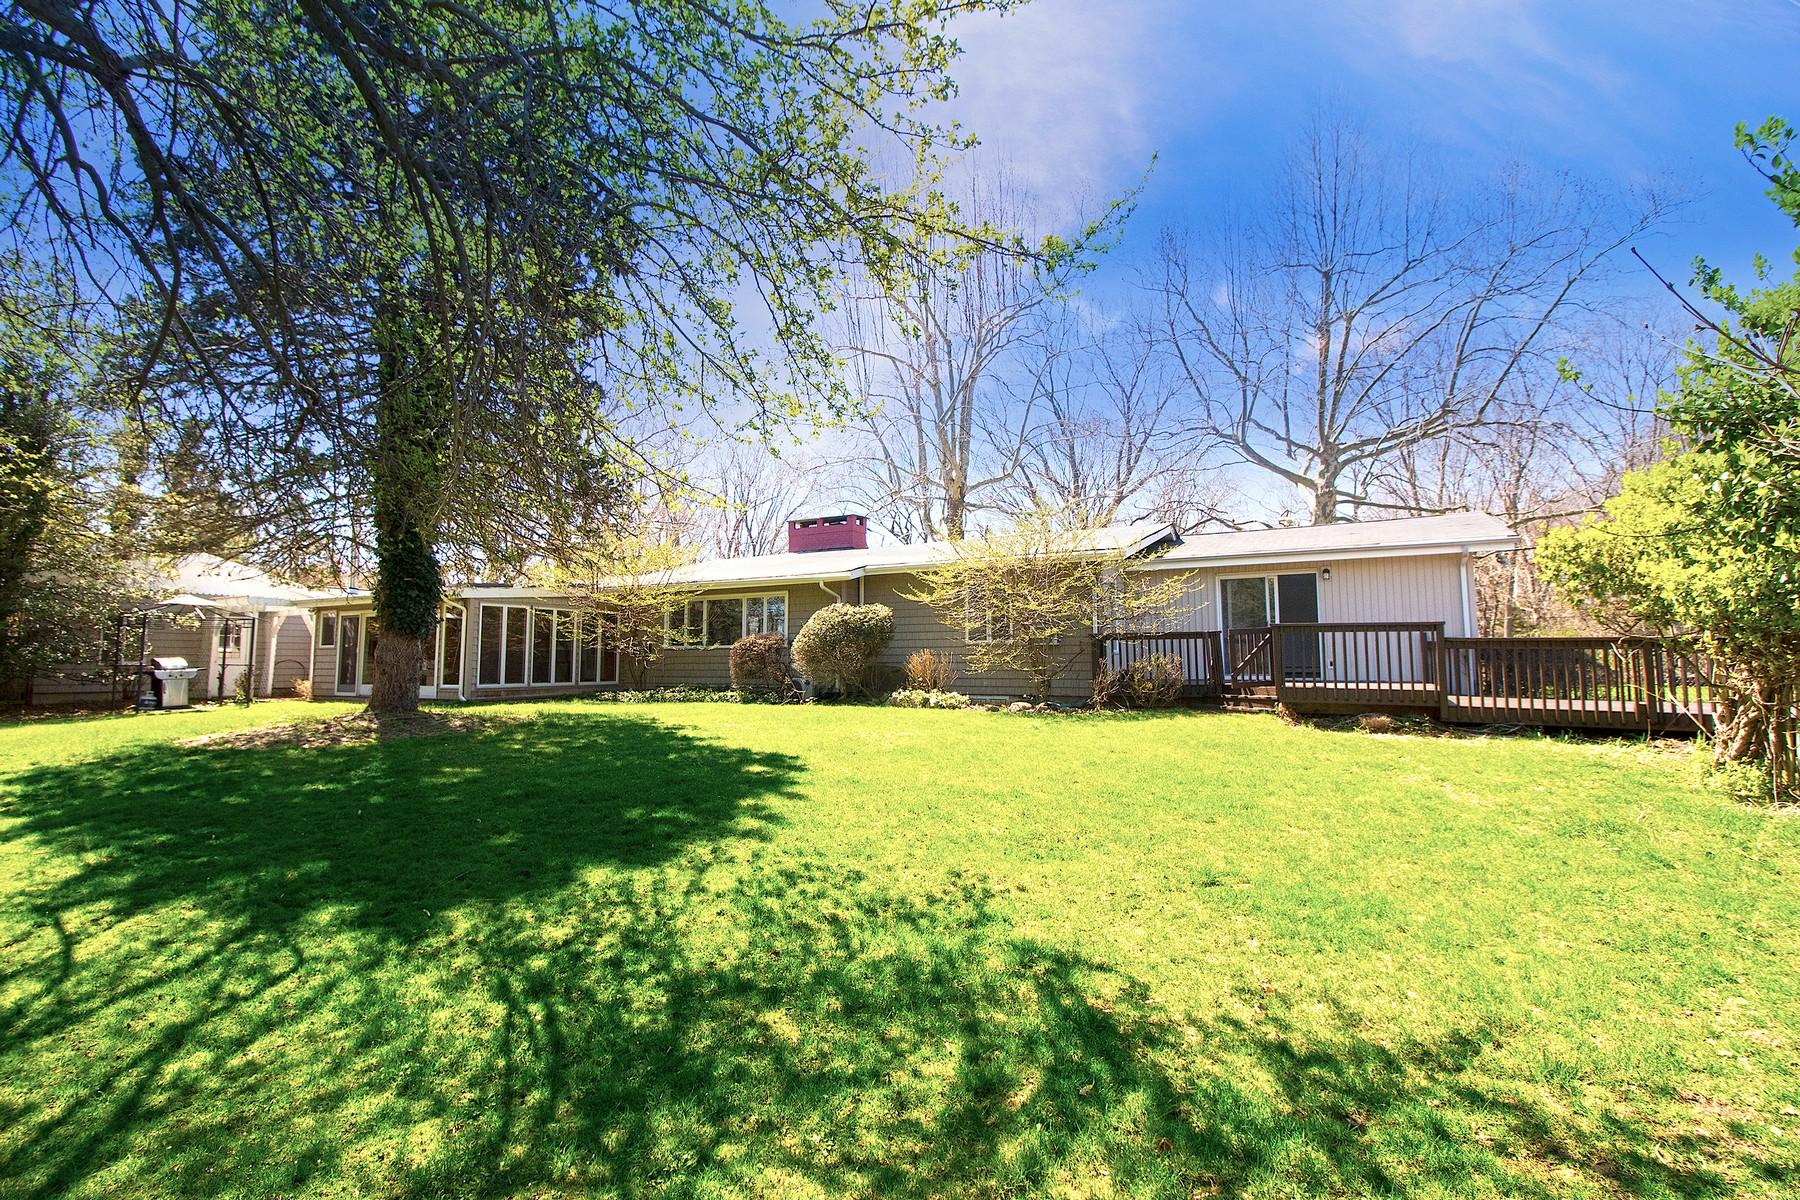 Single Family Homes für Verkauf beim Setauket 5 Bobs, Setauket, New York 11733 Vereinigte Staaten